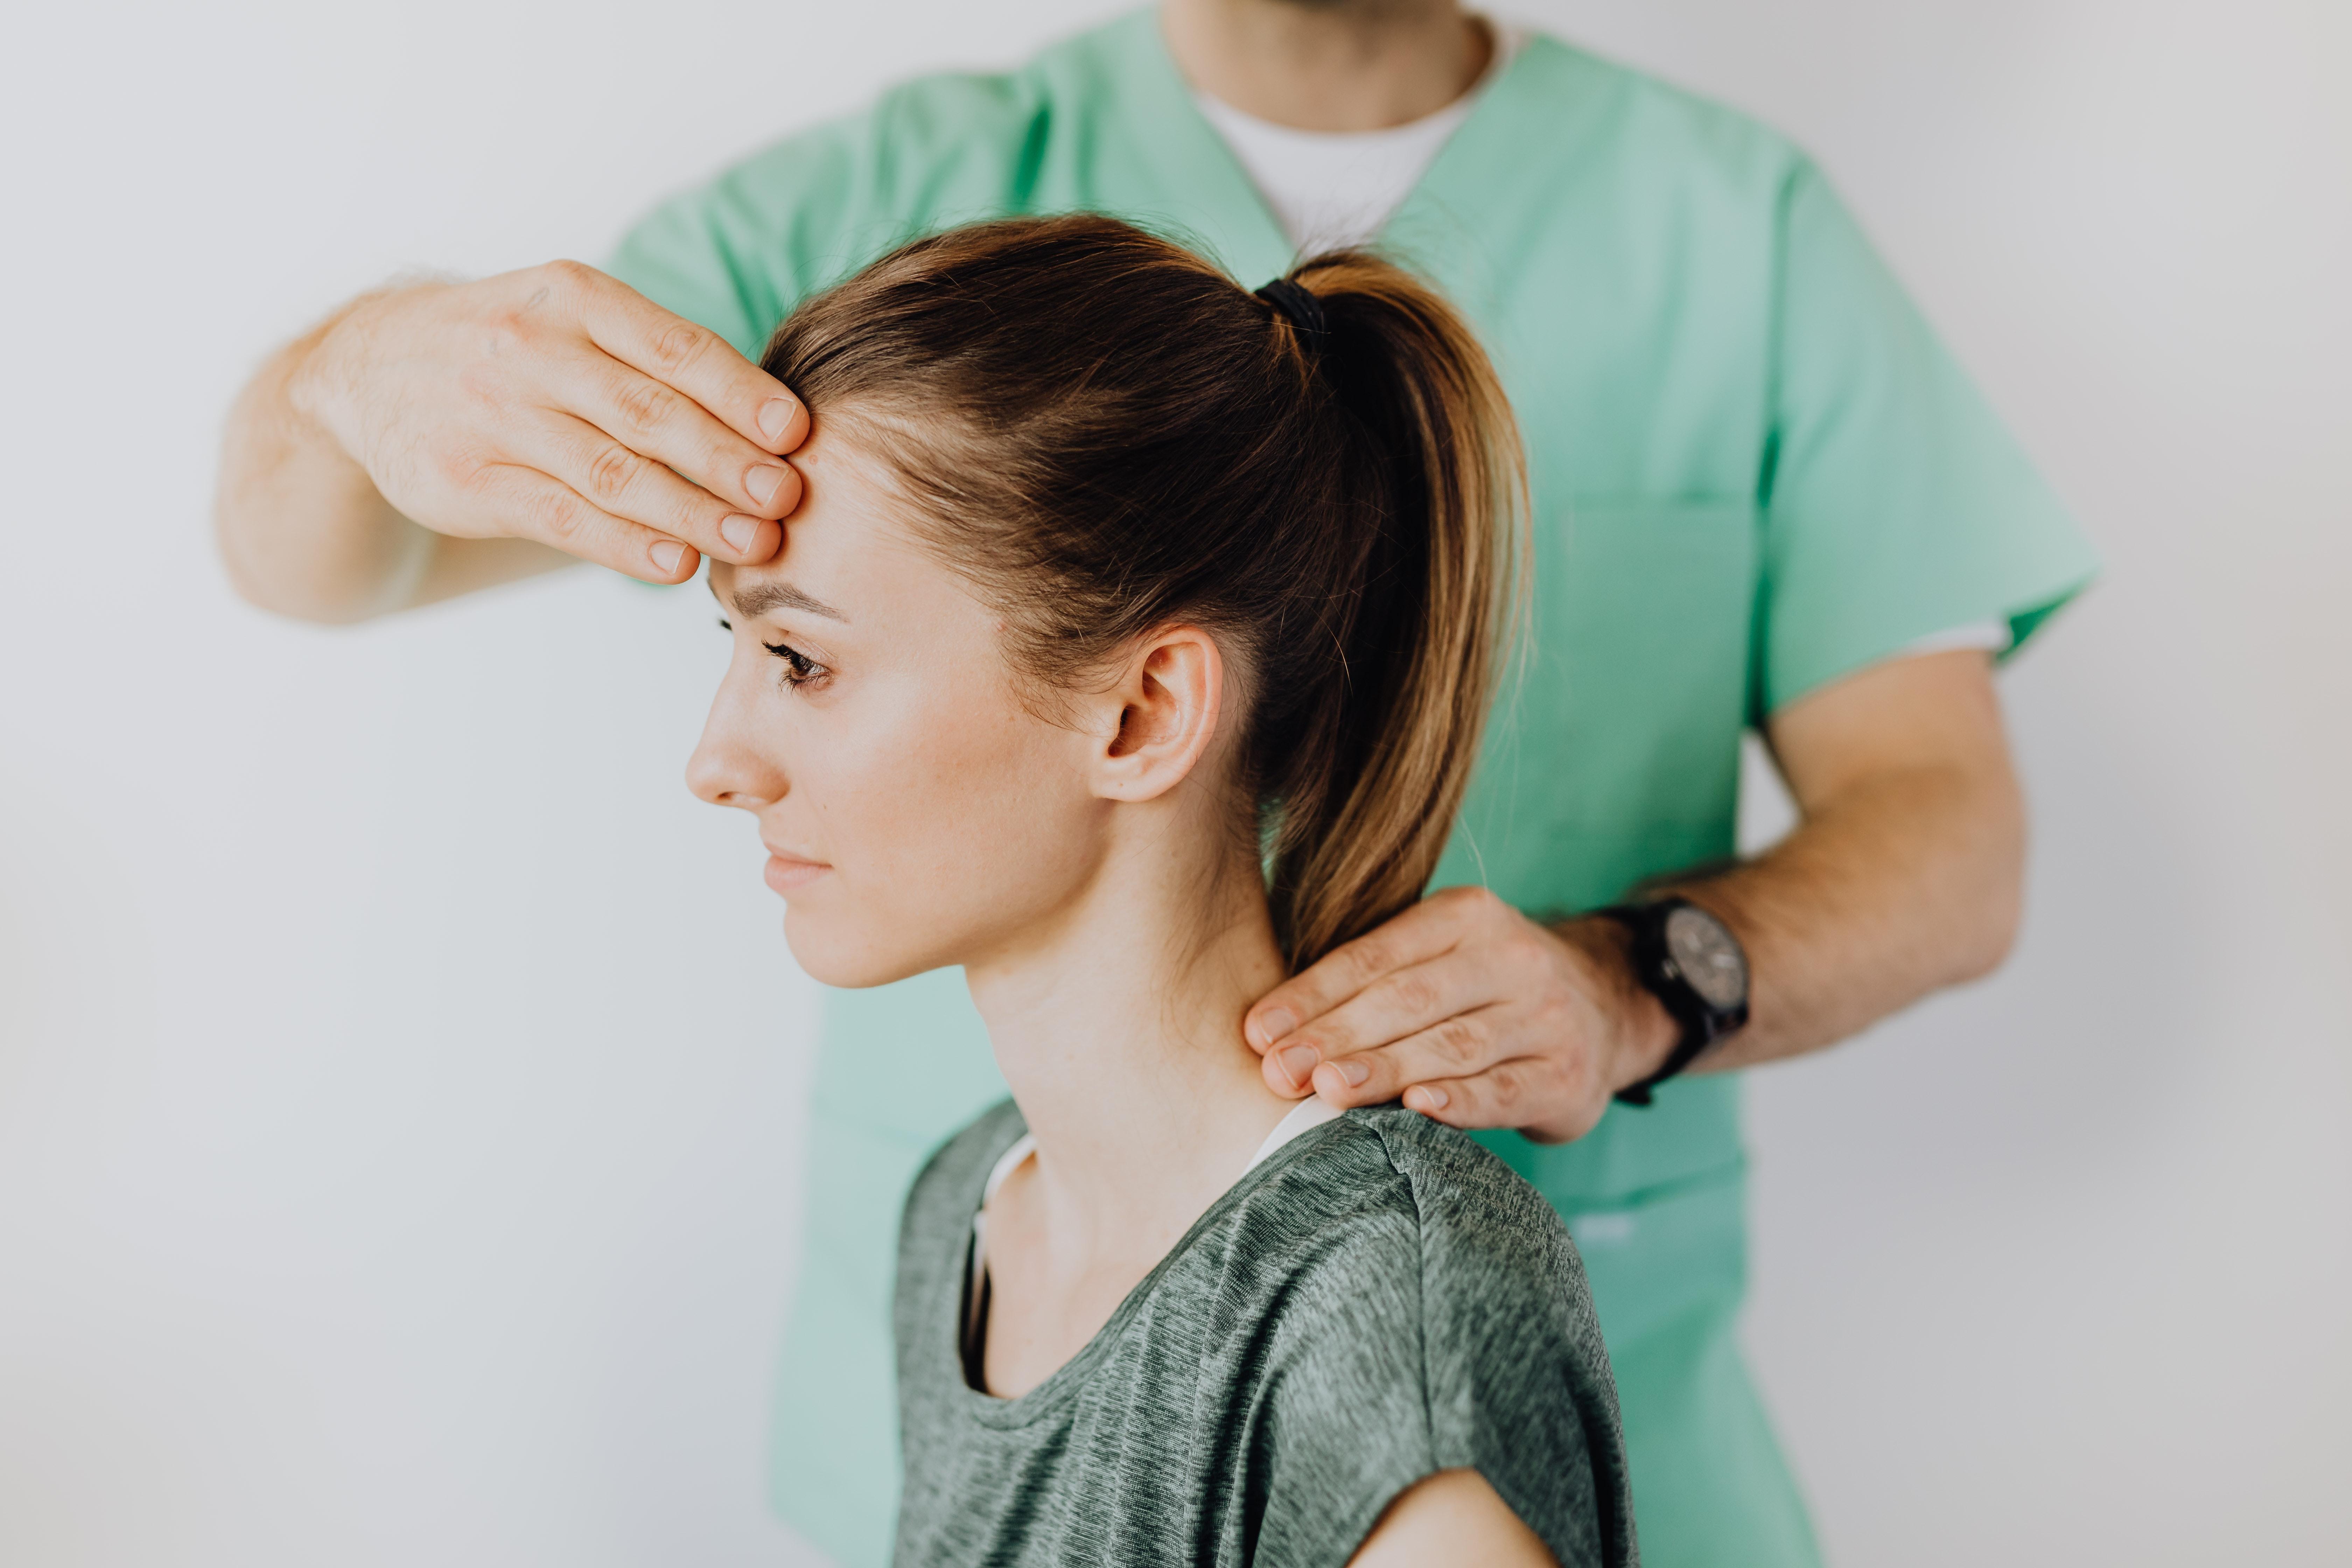 Symptome für eine Blockade im Kopf können auch körperlich sein, wie etwa Verspannungen und Kopfschmerzen.